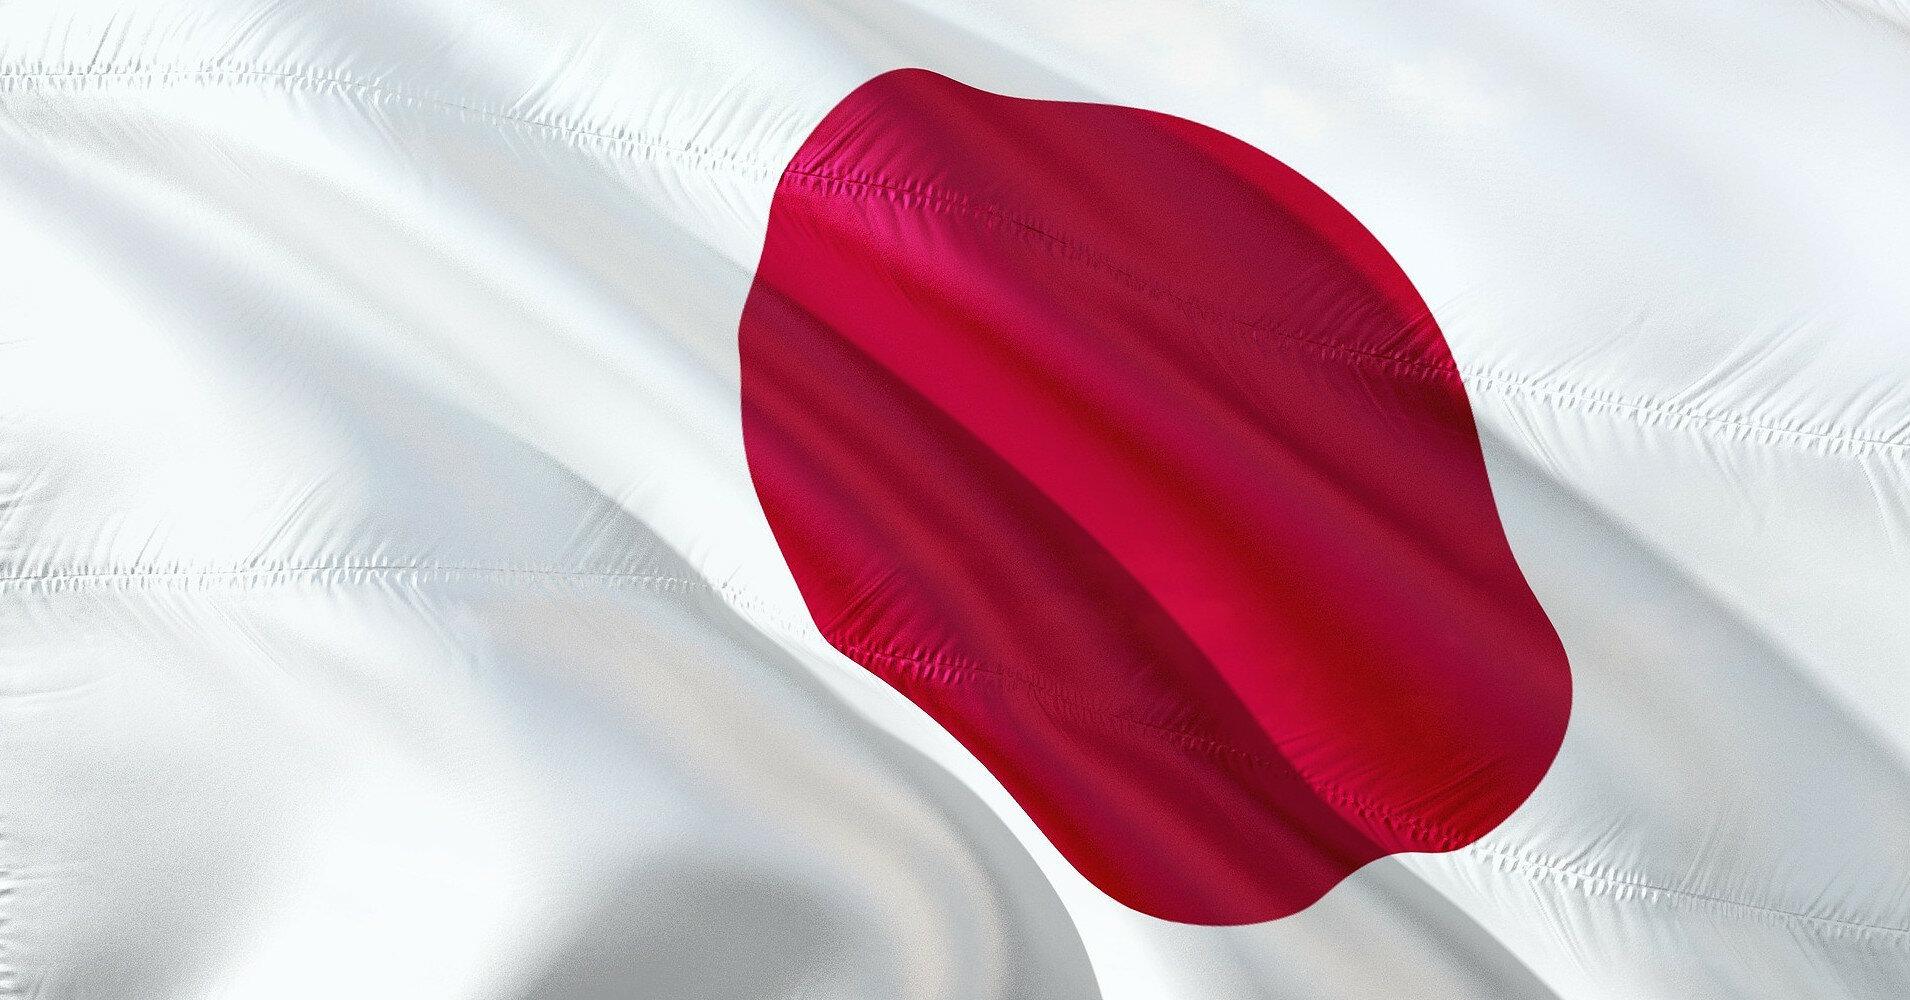 Токио отклонило протест РФ по инциденту с японским судном у Сахалина